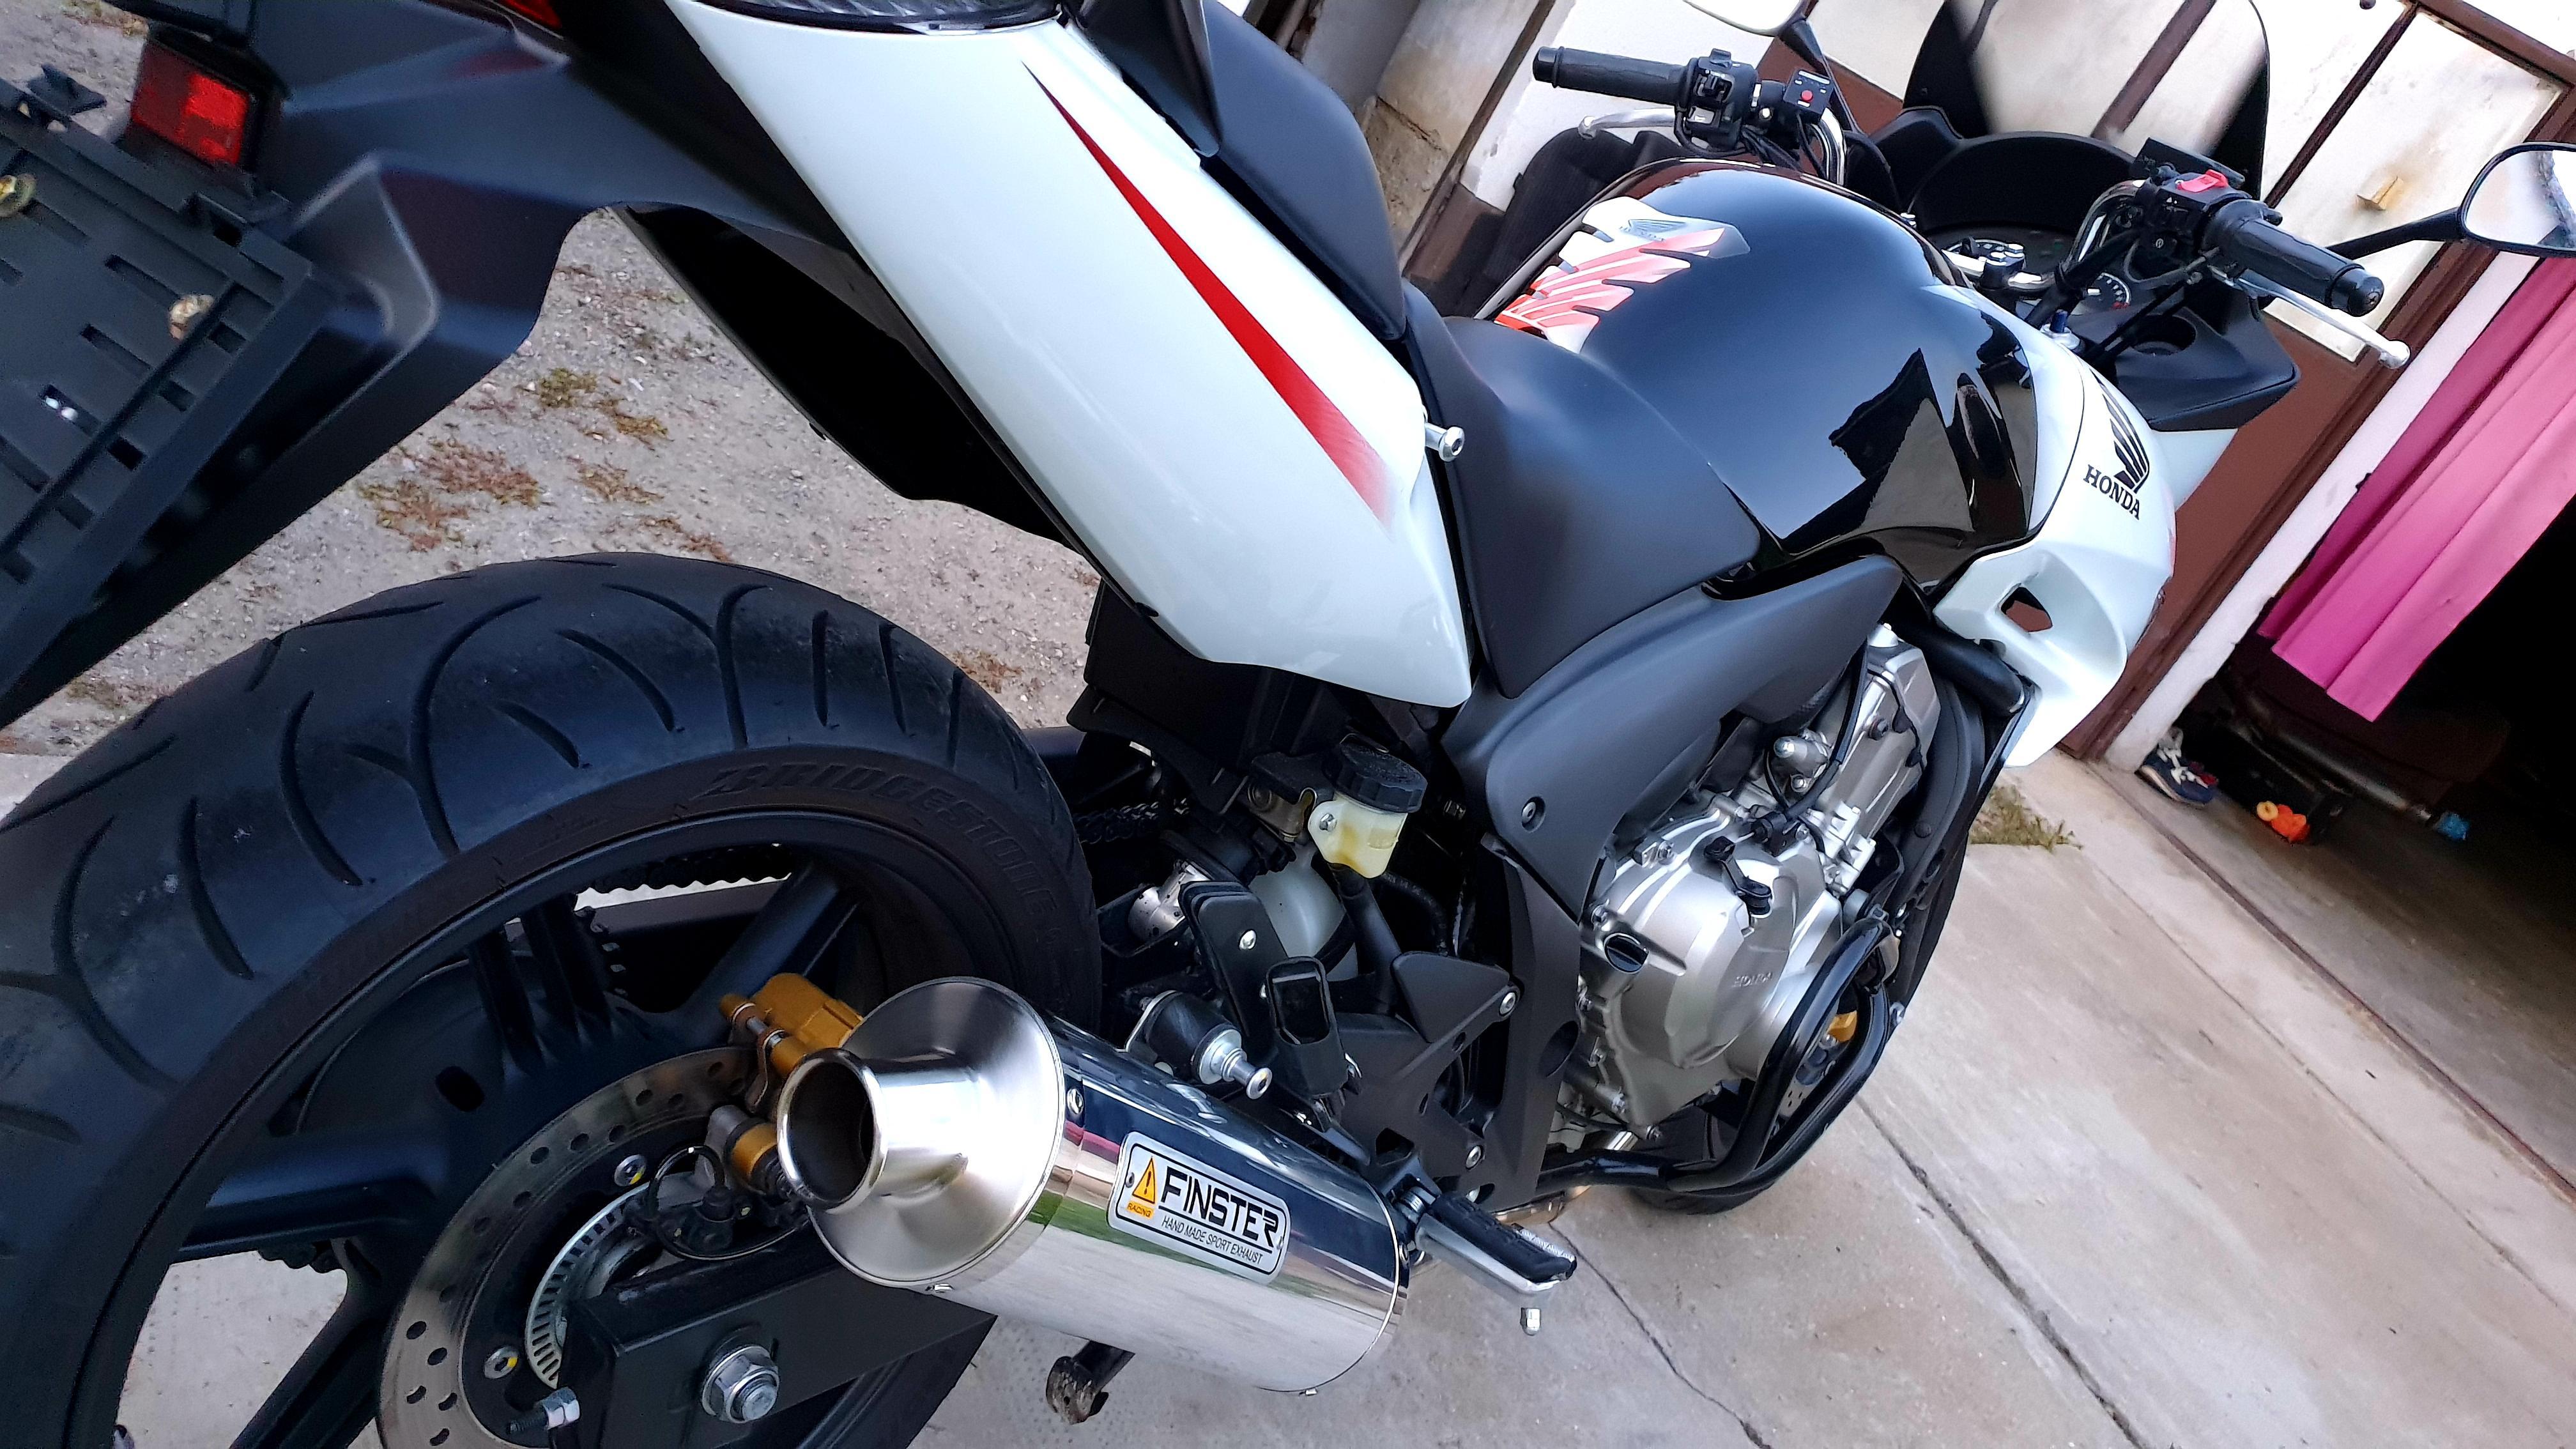 Honda PCX 125 | motoapro.hu - Apróhirdetés: eladó motorok